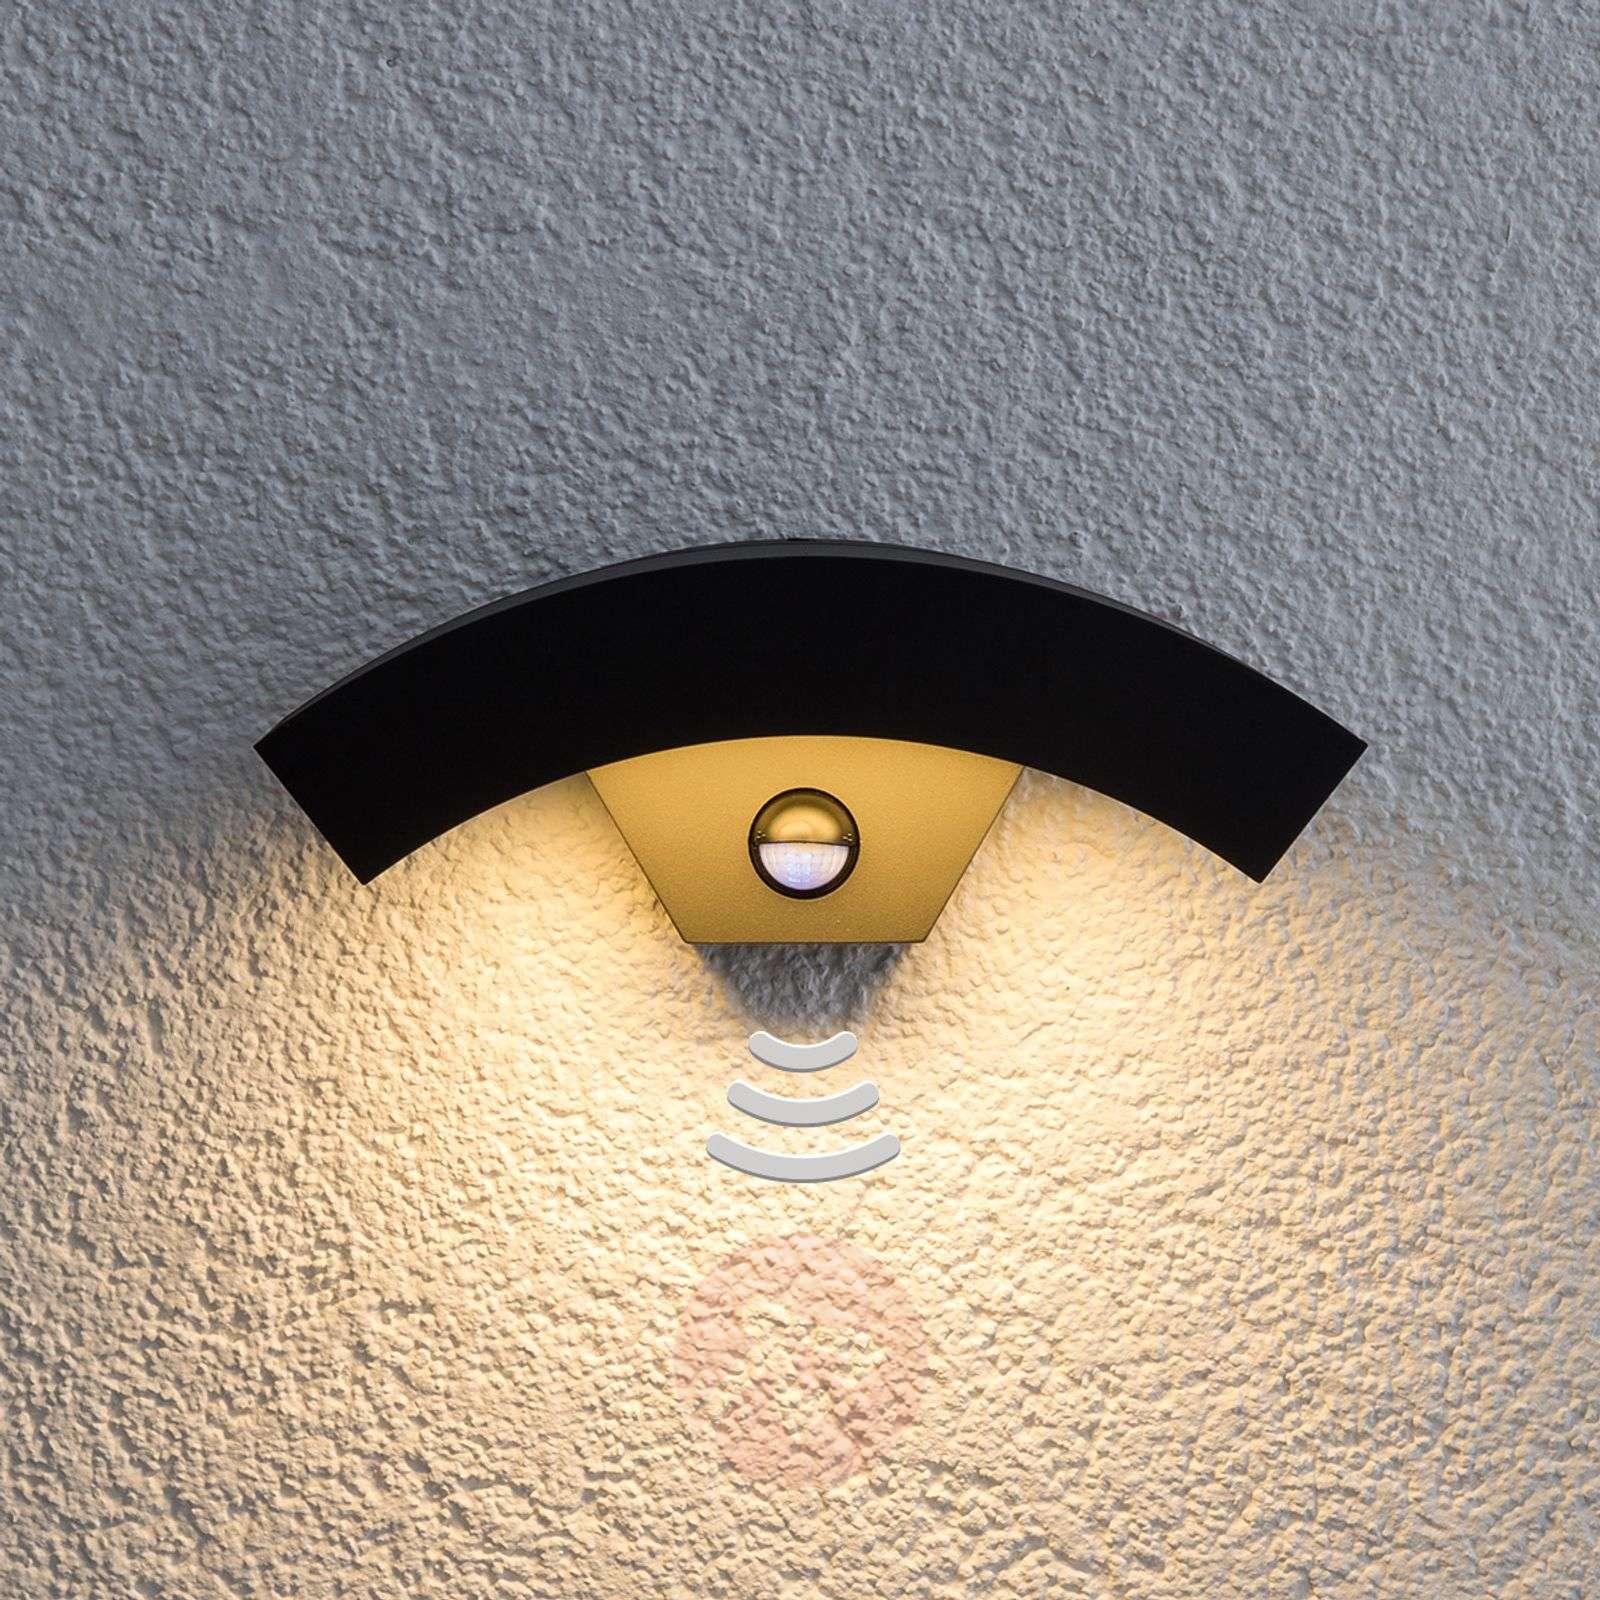 LED-ulkoseinävalaisin Lennik liiketunnistimella-9619035-02